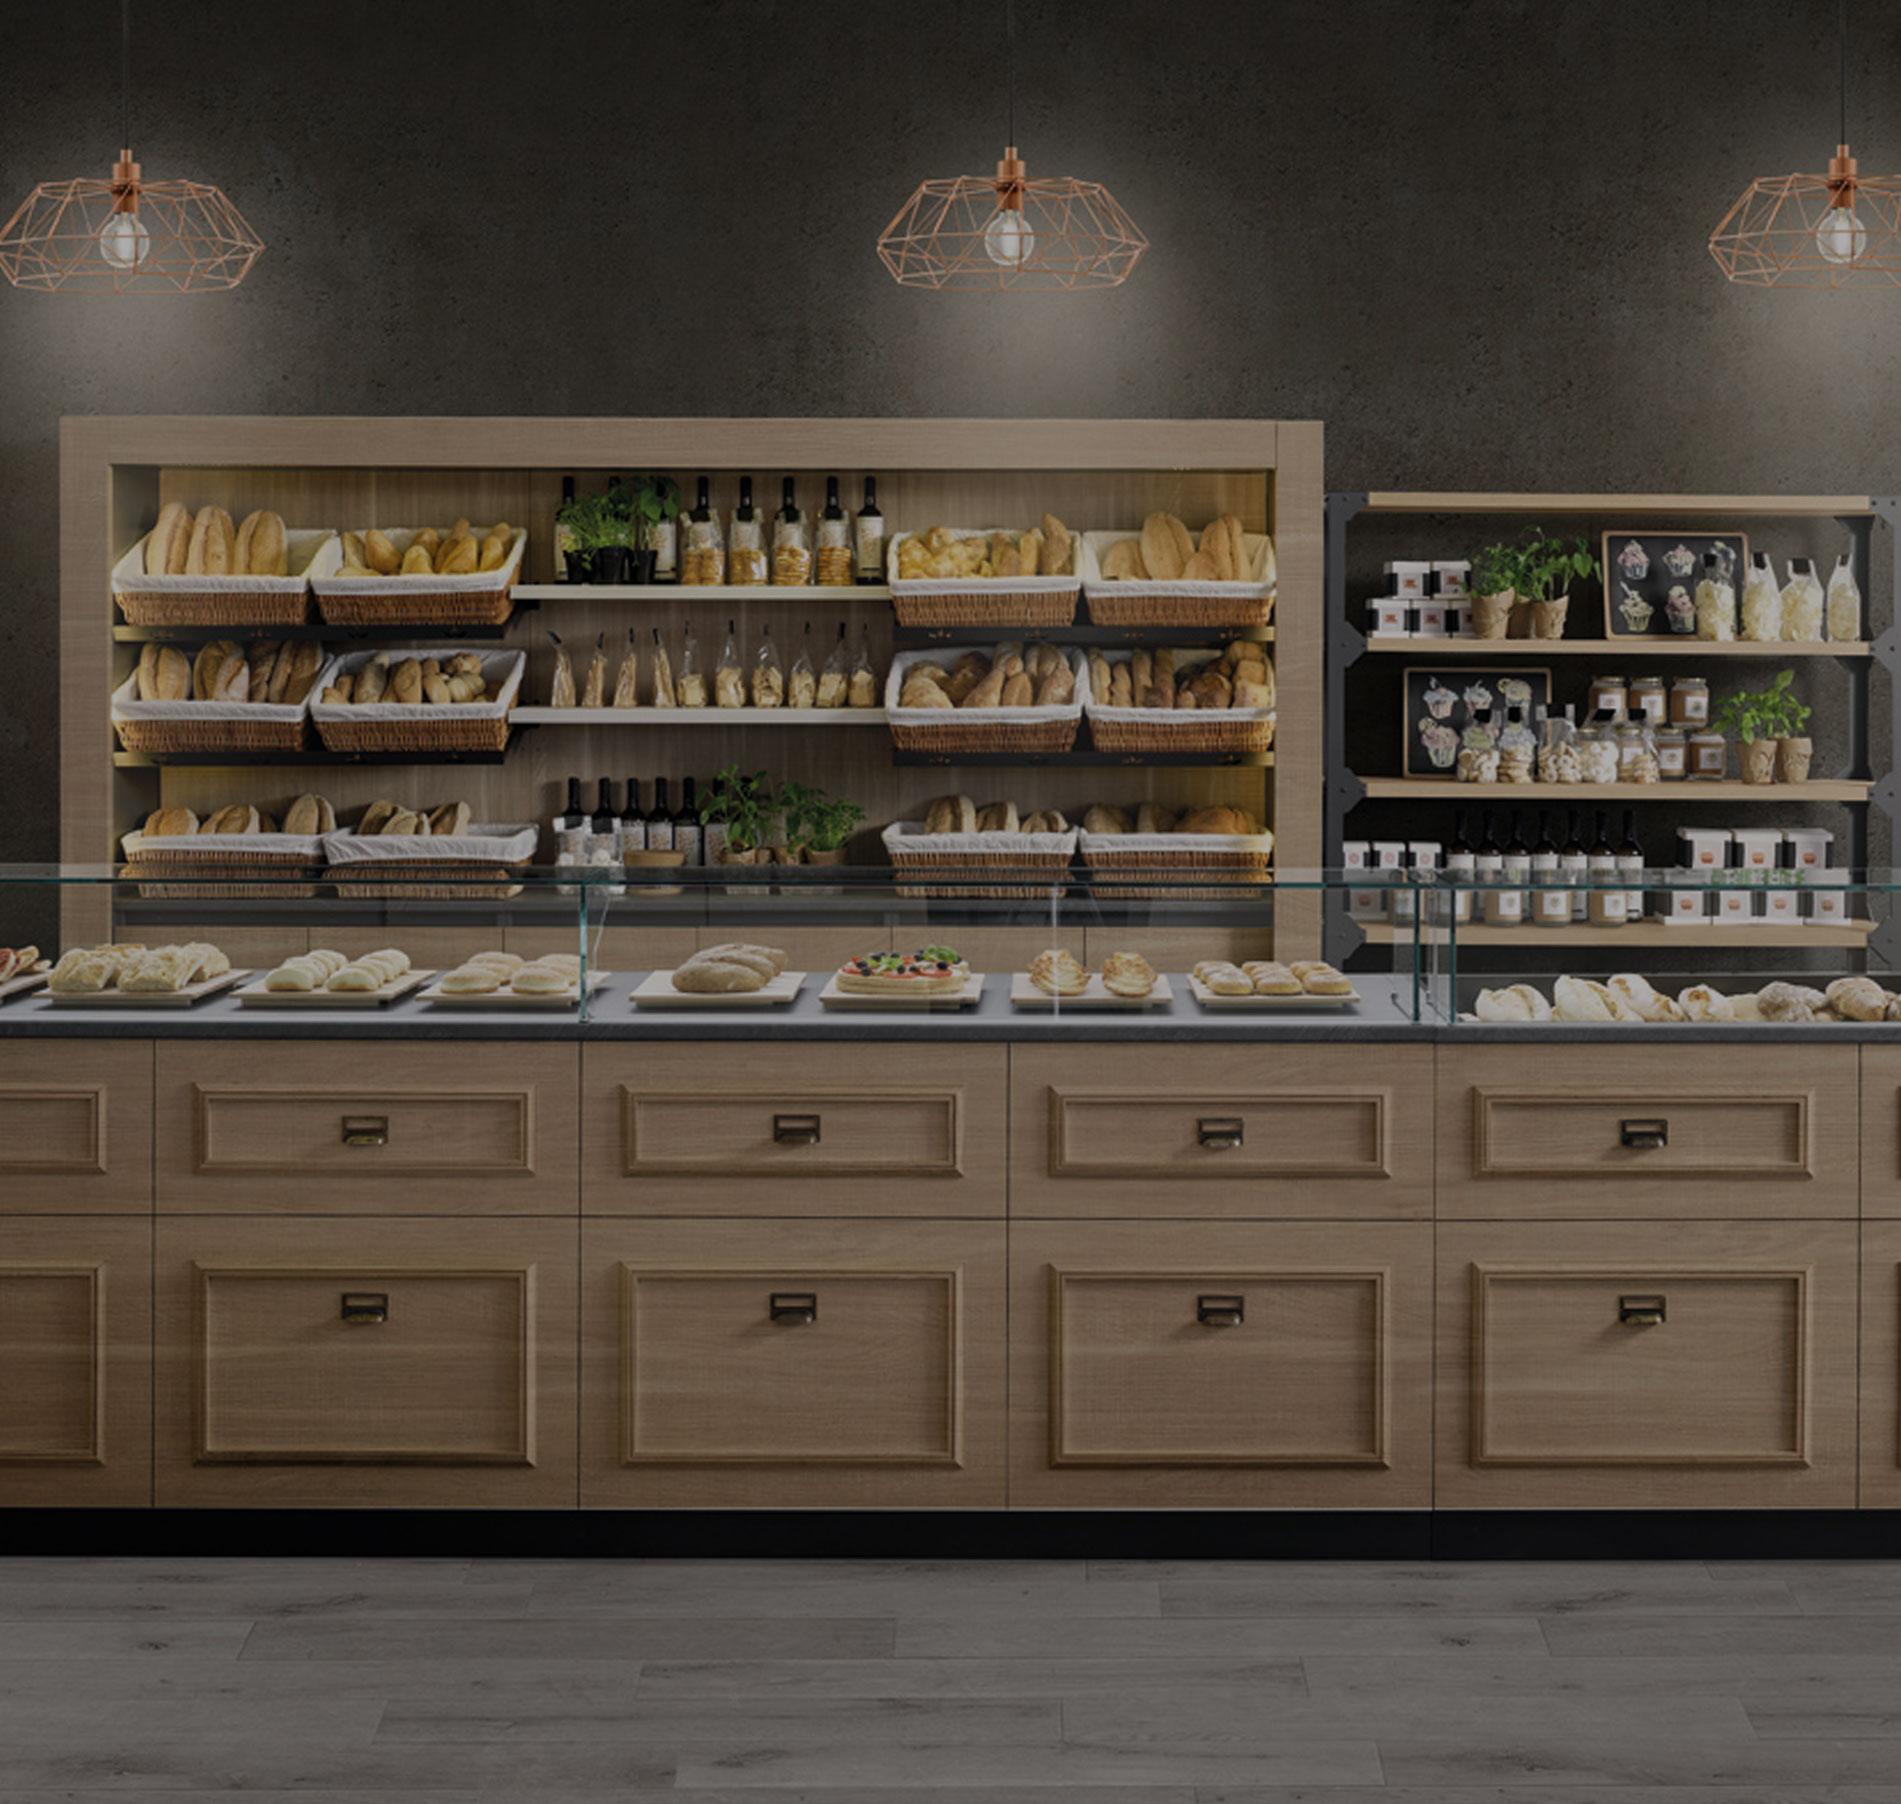 Bakery arredamenti attivita commerciali panetterie home for Arredamenti commerciali